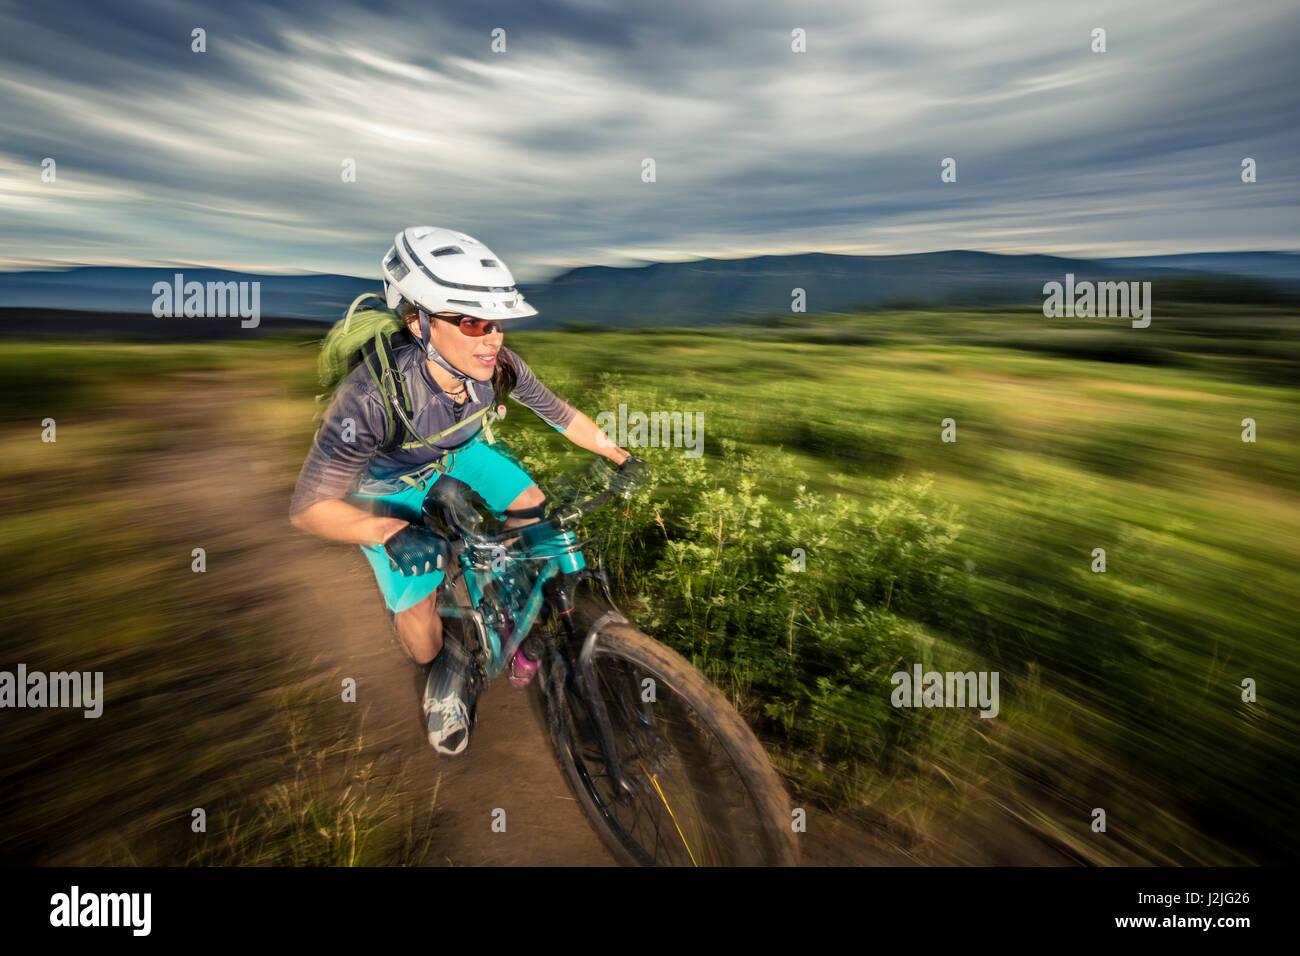 Nichole Baker mountain bike sul Twin Buttes sentieristica, Durango, CO. Immagini Stock